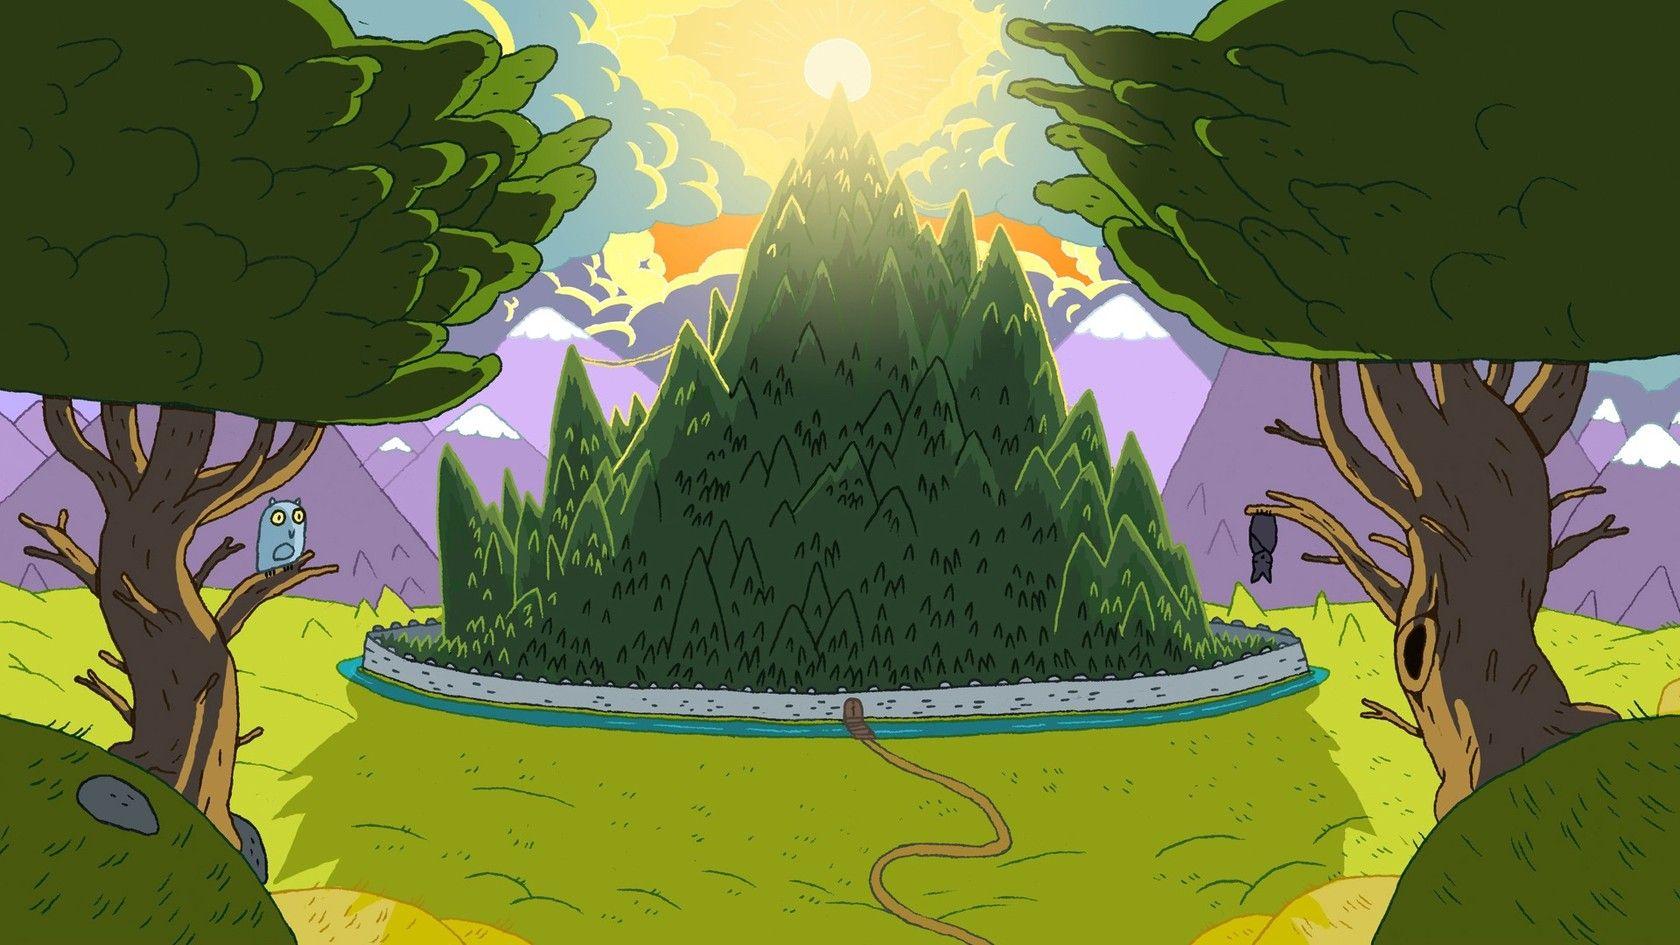 Cartoon Forest Adventure Time WallPaper HD - http ...